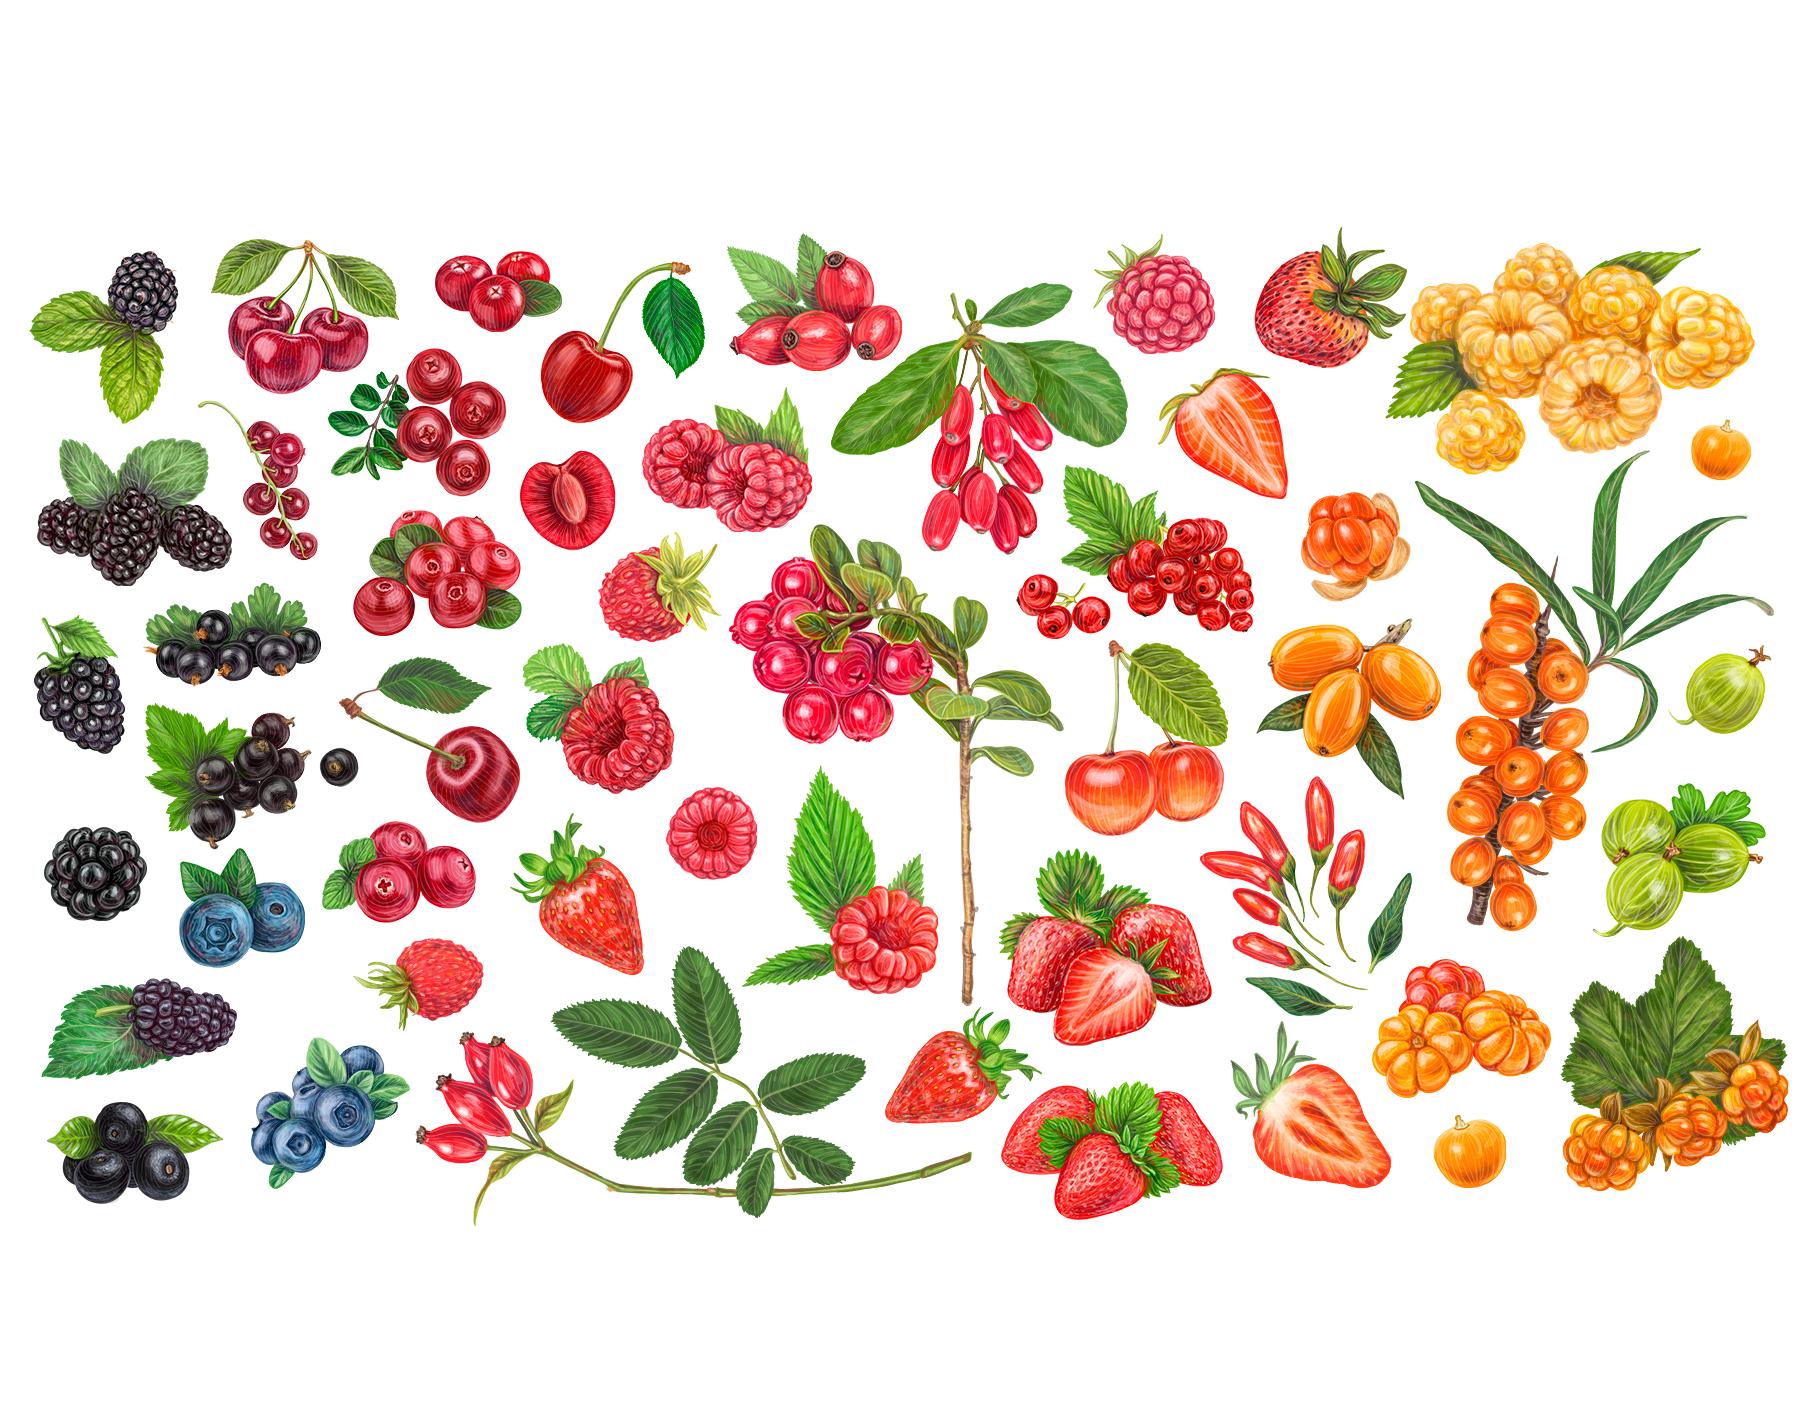 ягоды картинки в векторе видео можете